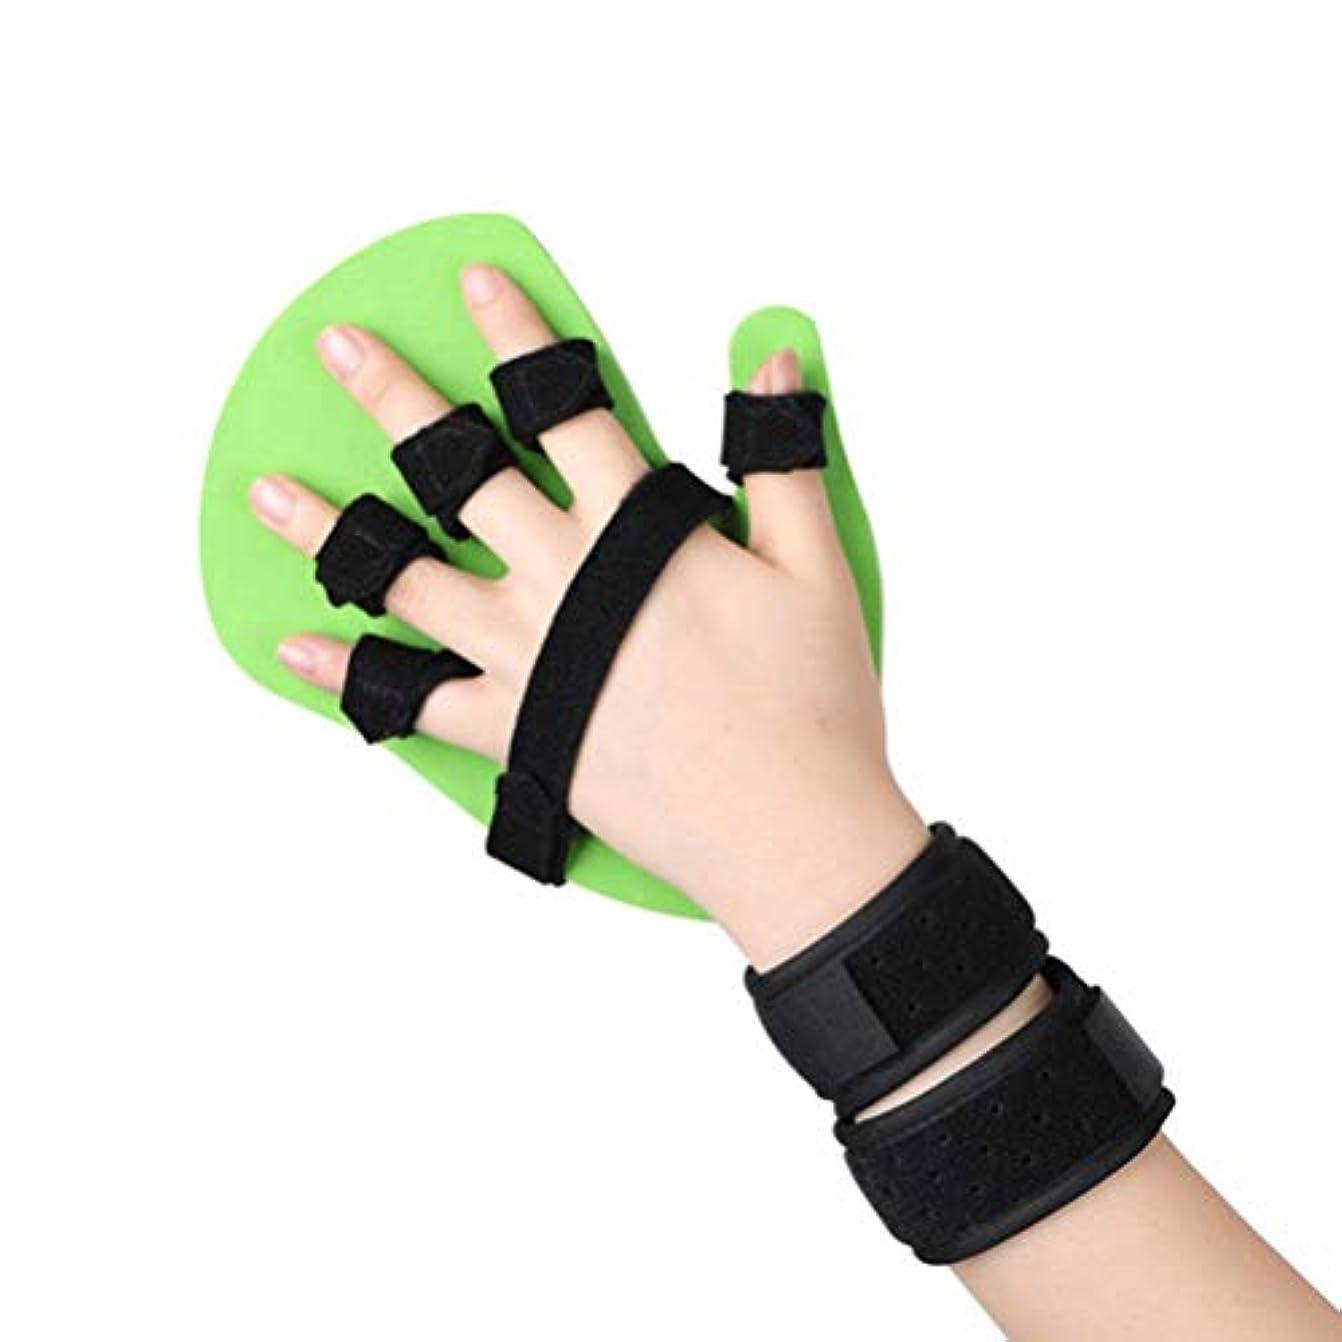 立方体あいまいな忌み嫌うセパレータインソールフィンガートレーニングデバイスフィンガースプリント指、手の手首のトレーニング装具デバイスブレースサポート攣縮拡張ボードスプリント脳卒中片麻痺、左右の手指 (Color : Left, Size : L)